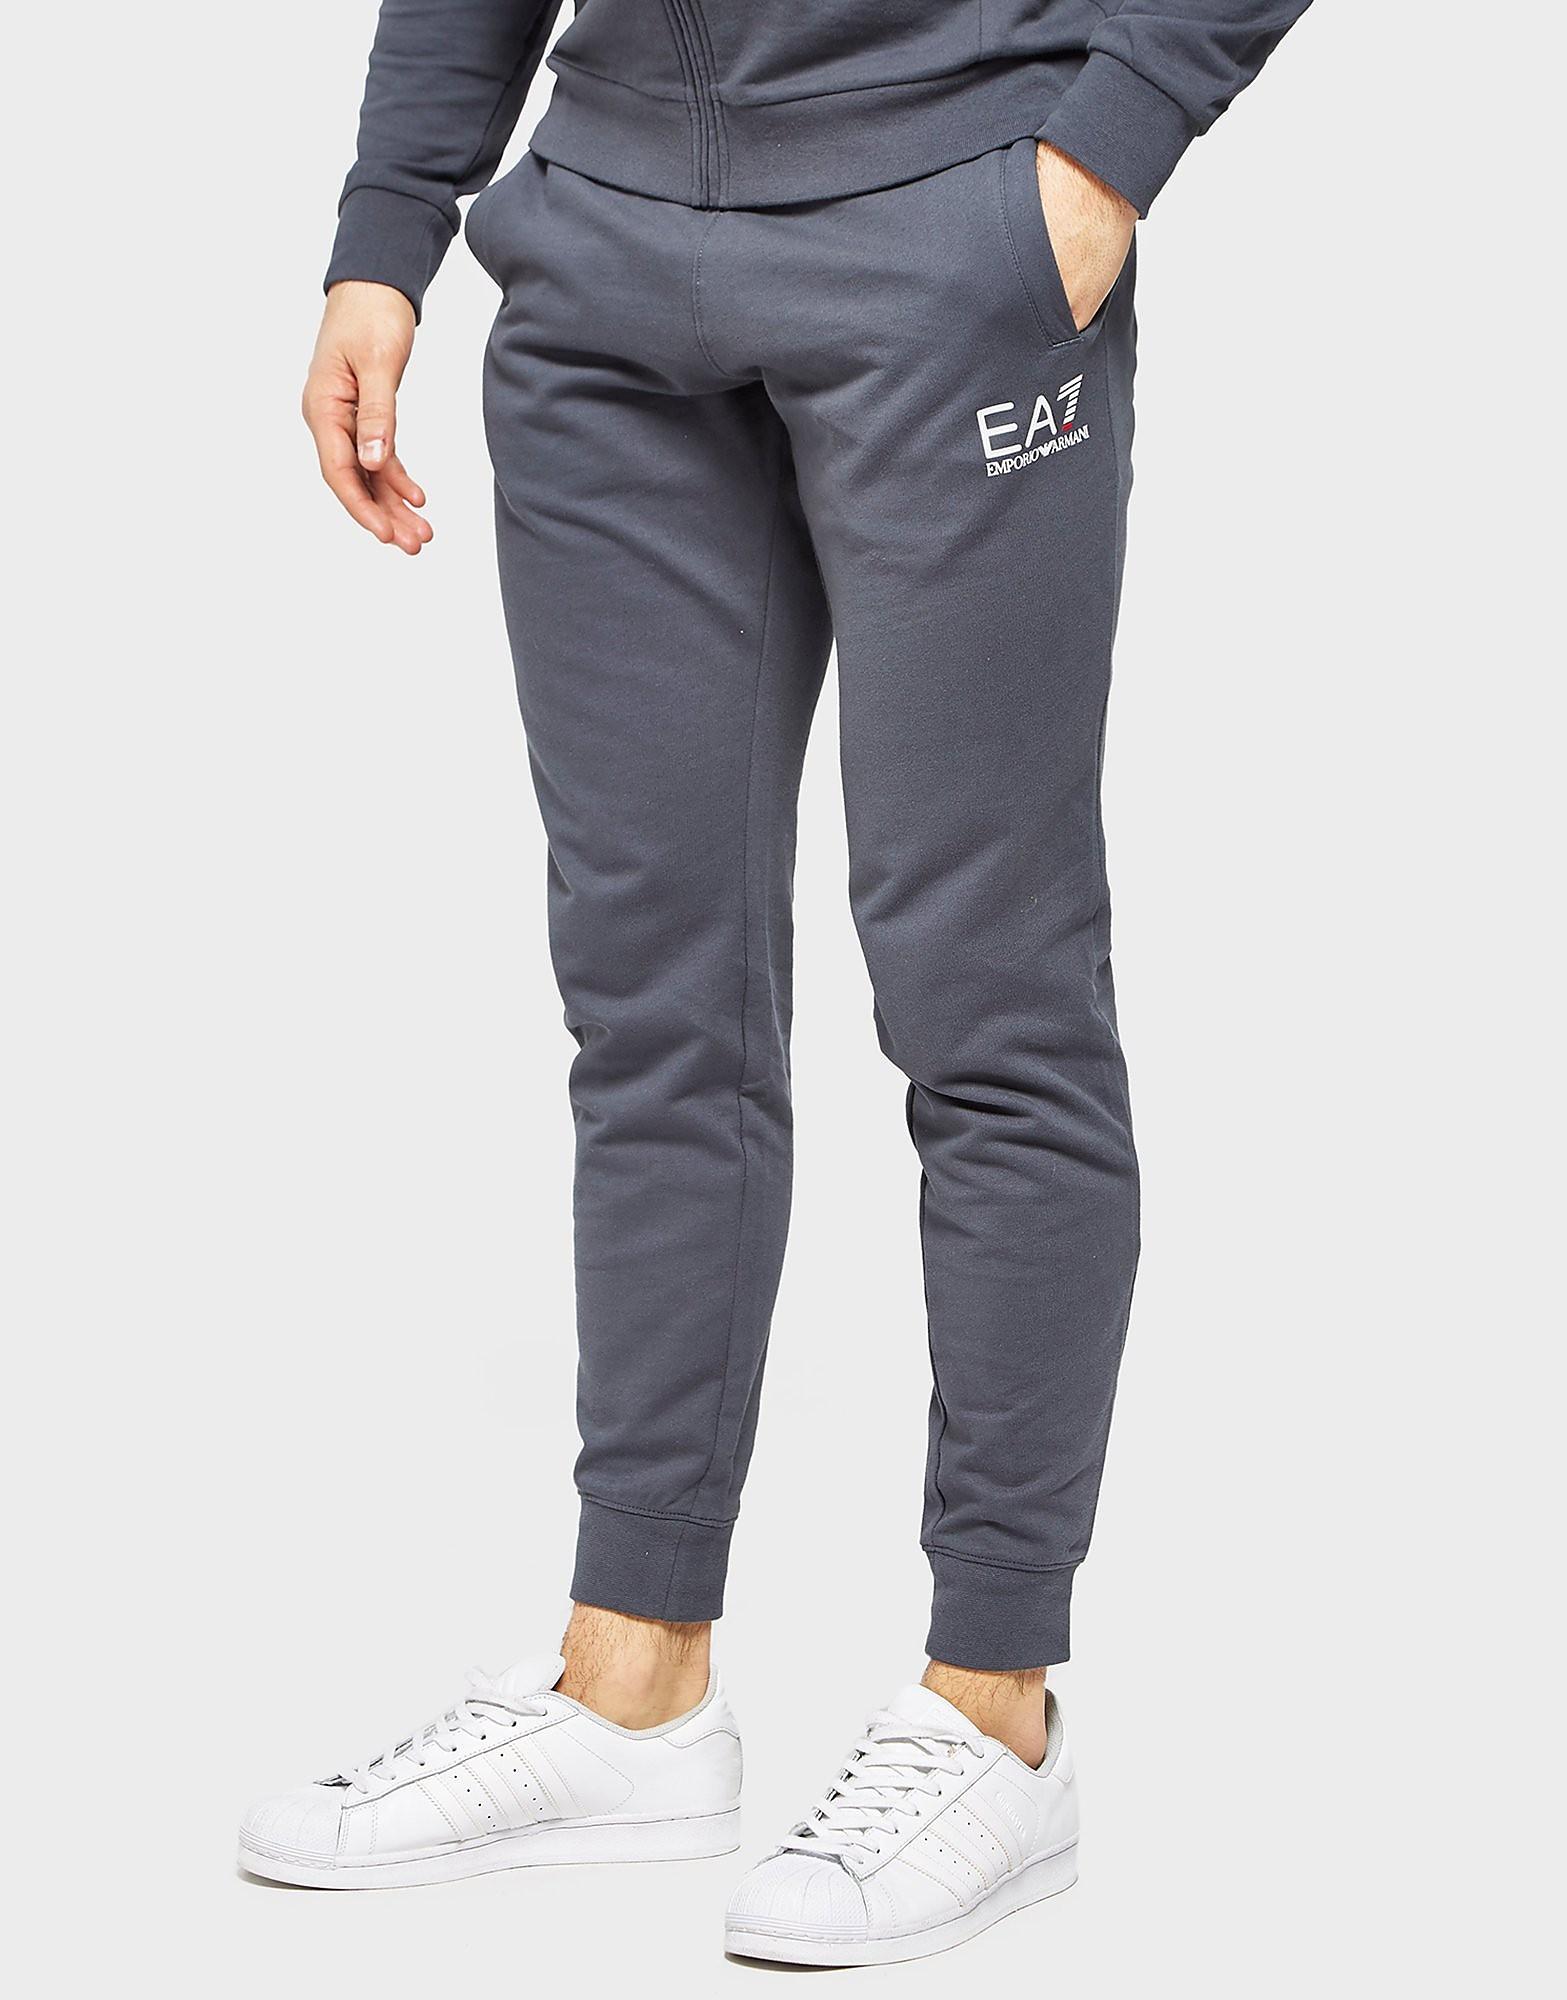 Emporio Armani Core Cuffed Track Pants